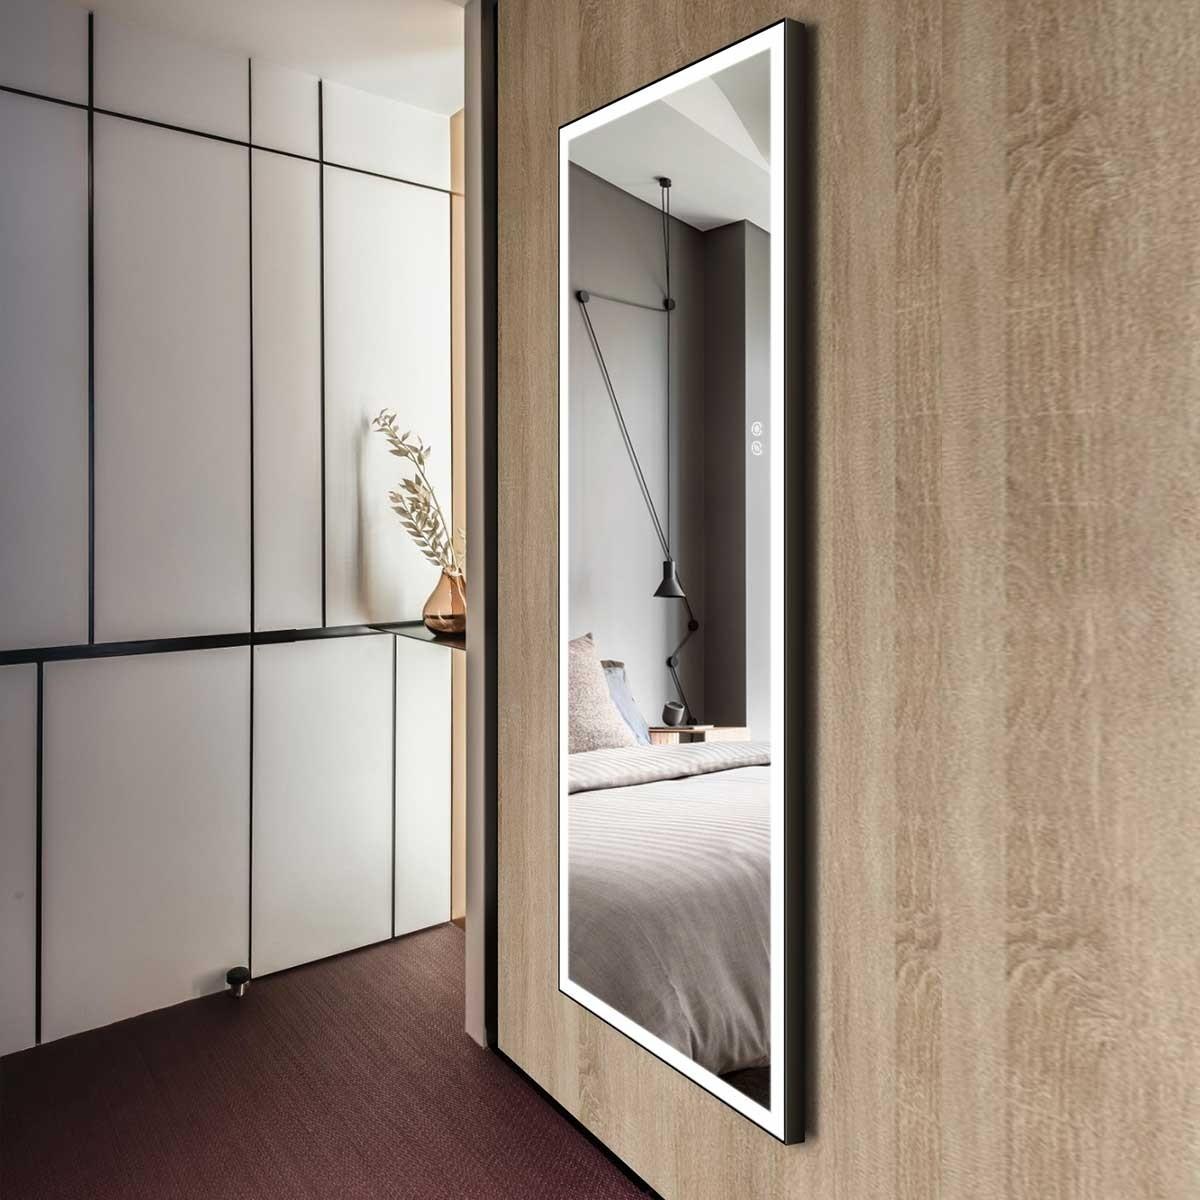 DECORAPORT 70 x 28 Po Miroir Chambre LED Pleine Longueur avec Bouton Tactile, Cadre noir, Luminosité Réglable, Lumière Froid & Chaud (D1901-7028)